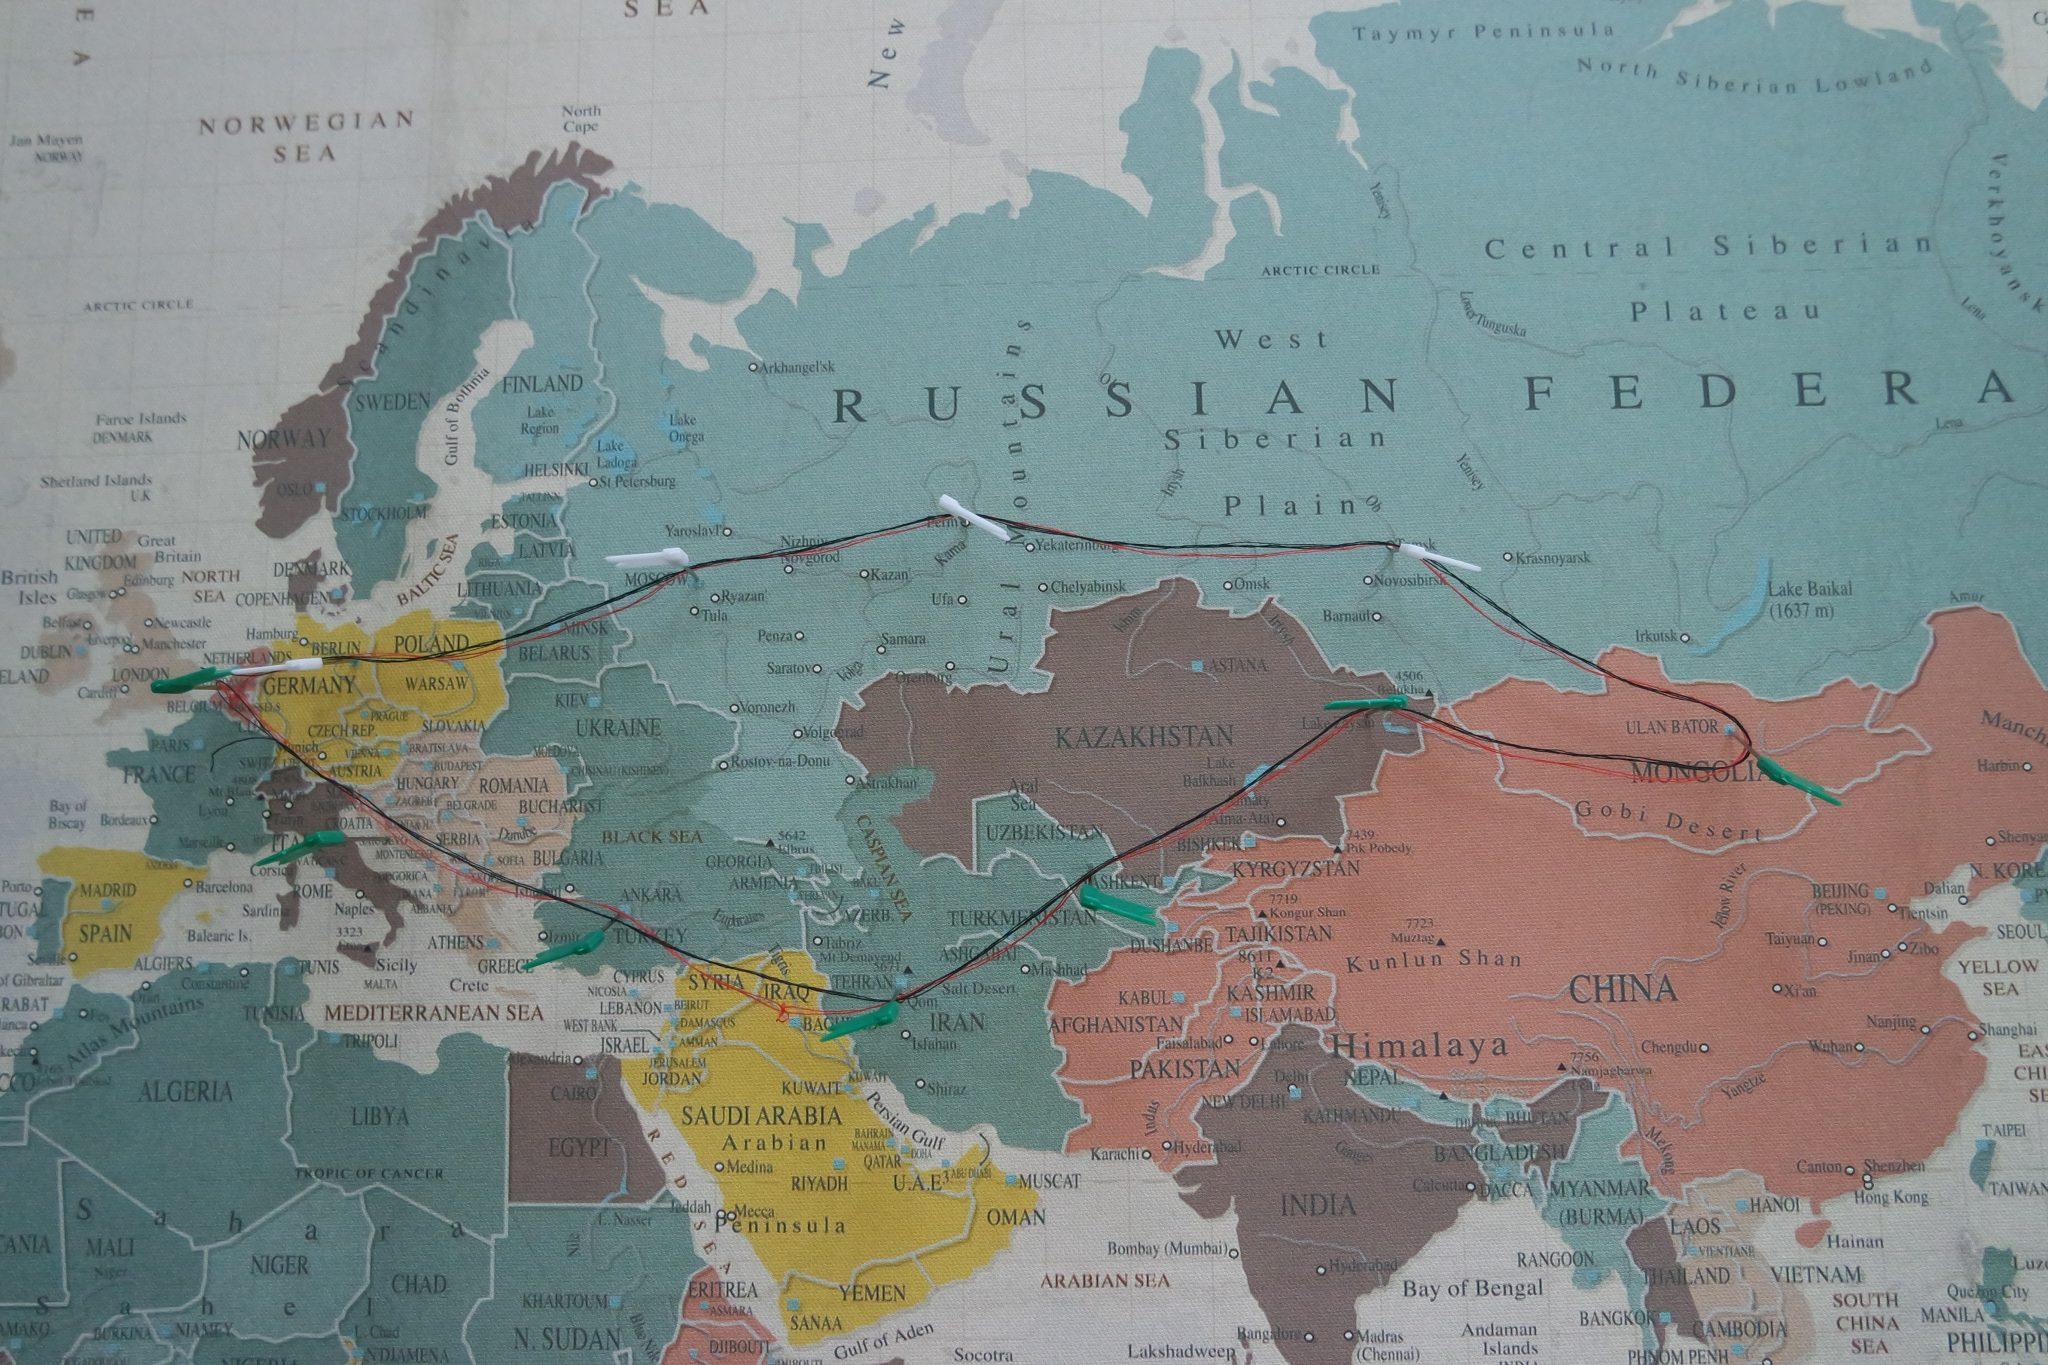 wereldkaart mongolia charity ralley